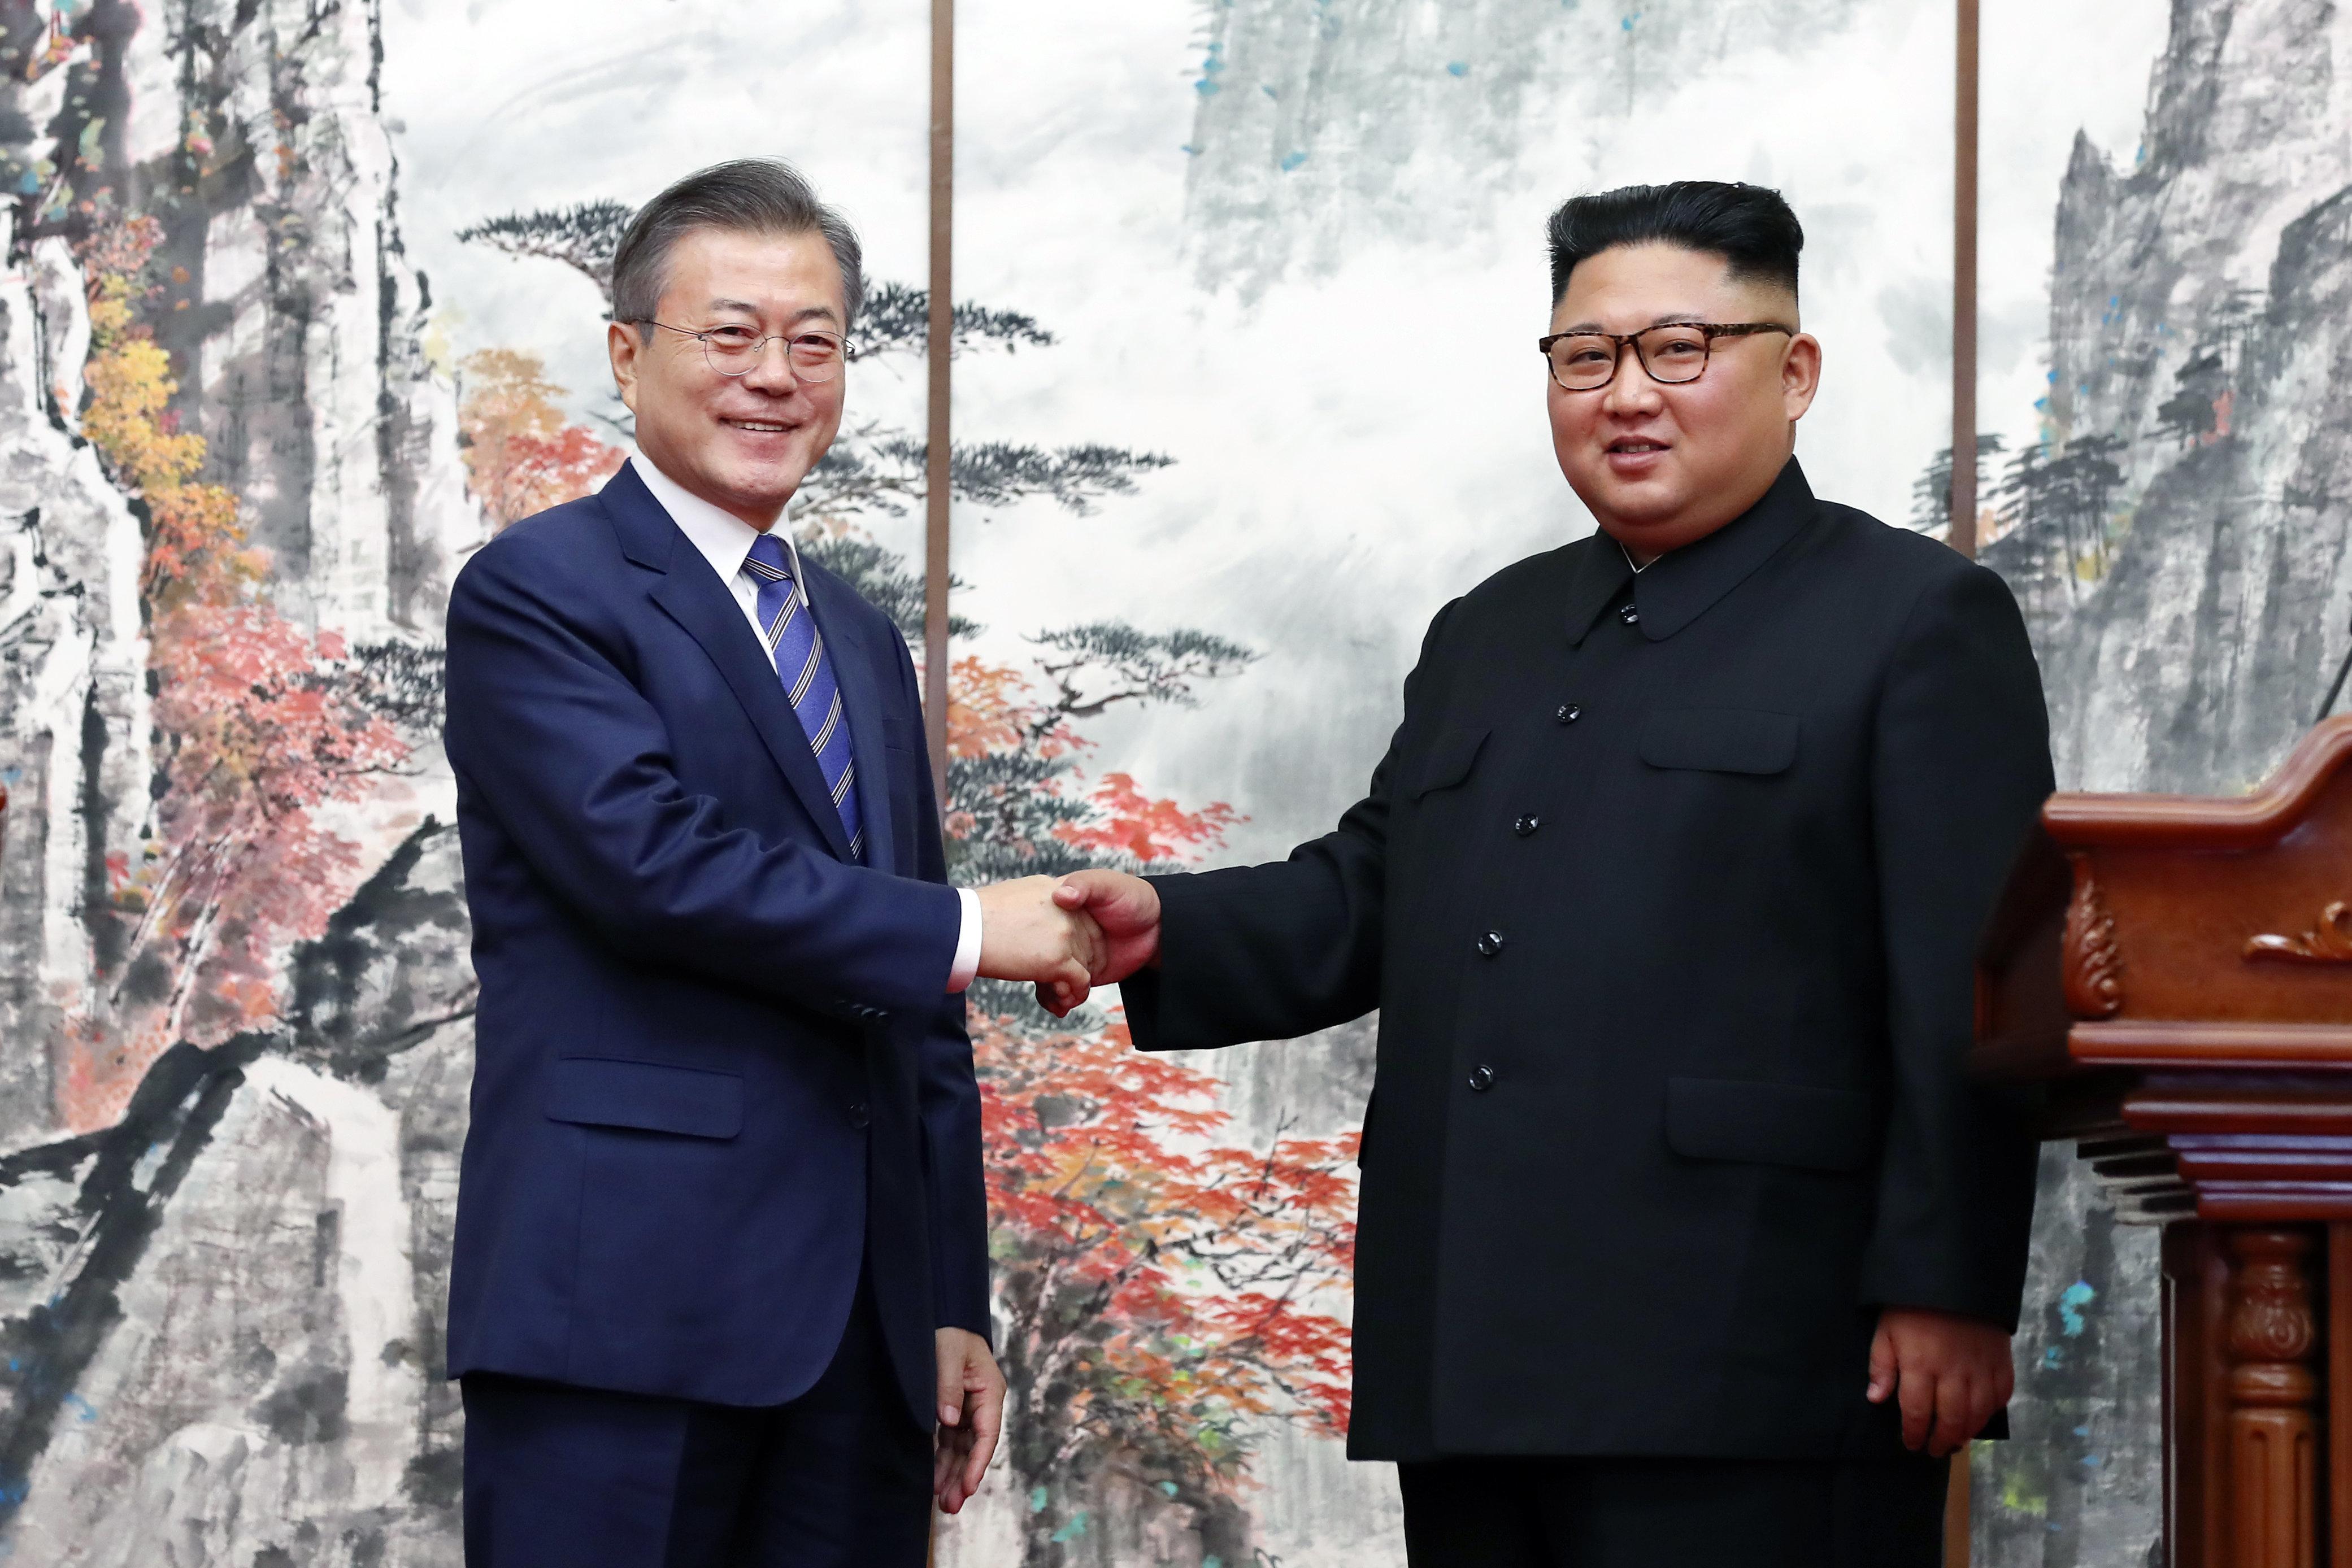 김정은이 문대통령에게 보낸 선물이 공개됐다(사진)